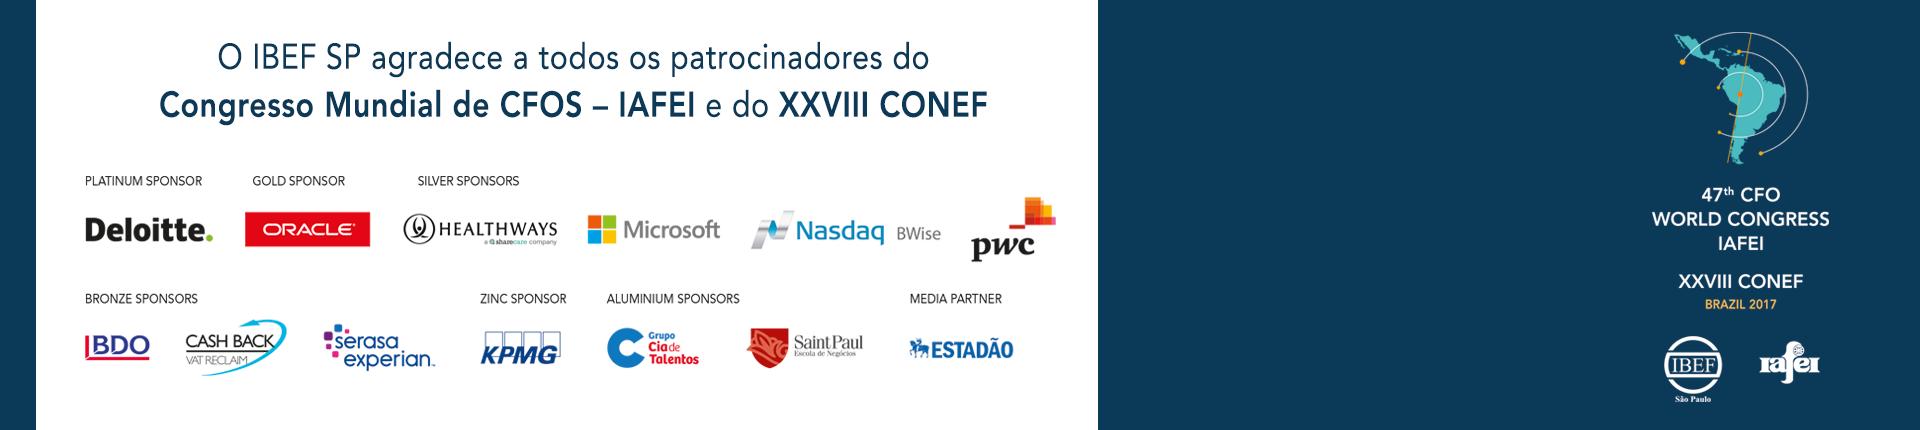 América Latina e conexões globais: inovação é motor para descoberta de oportunidades